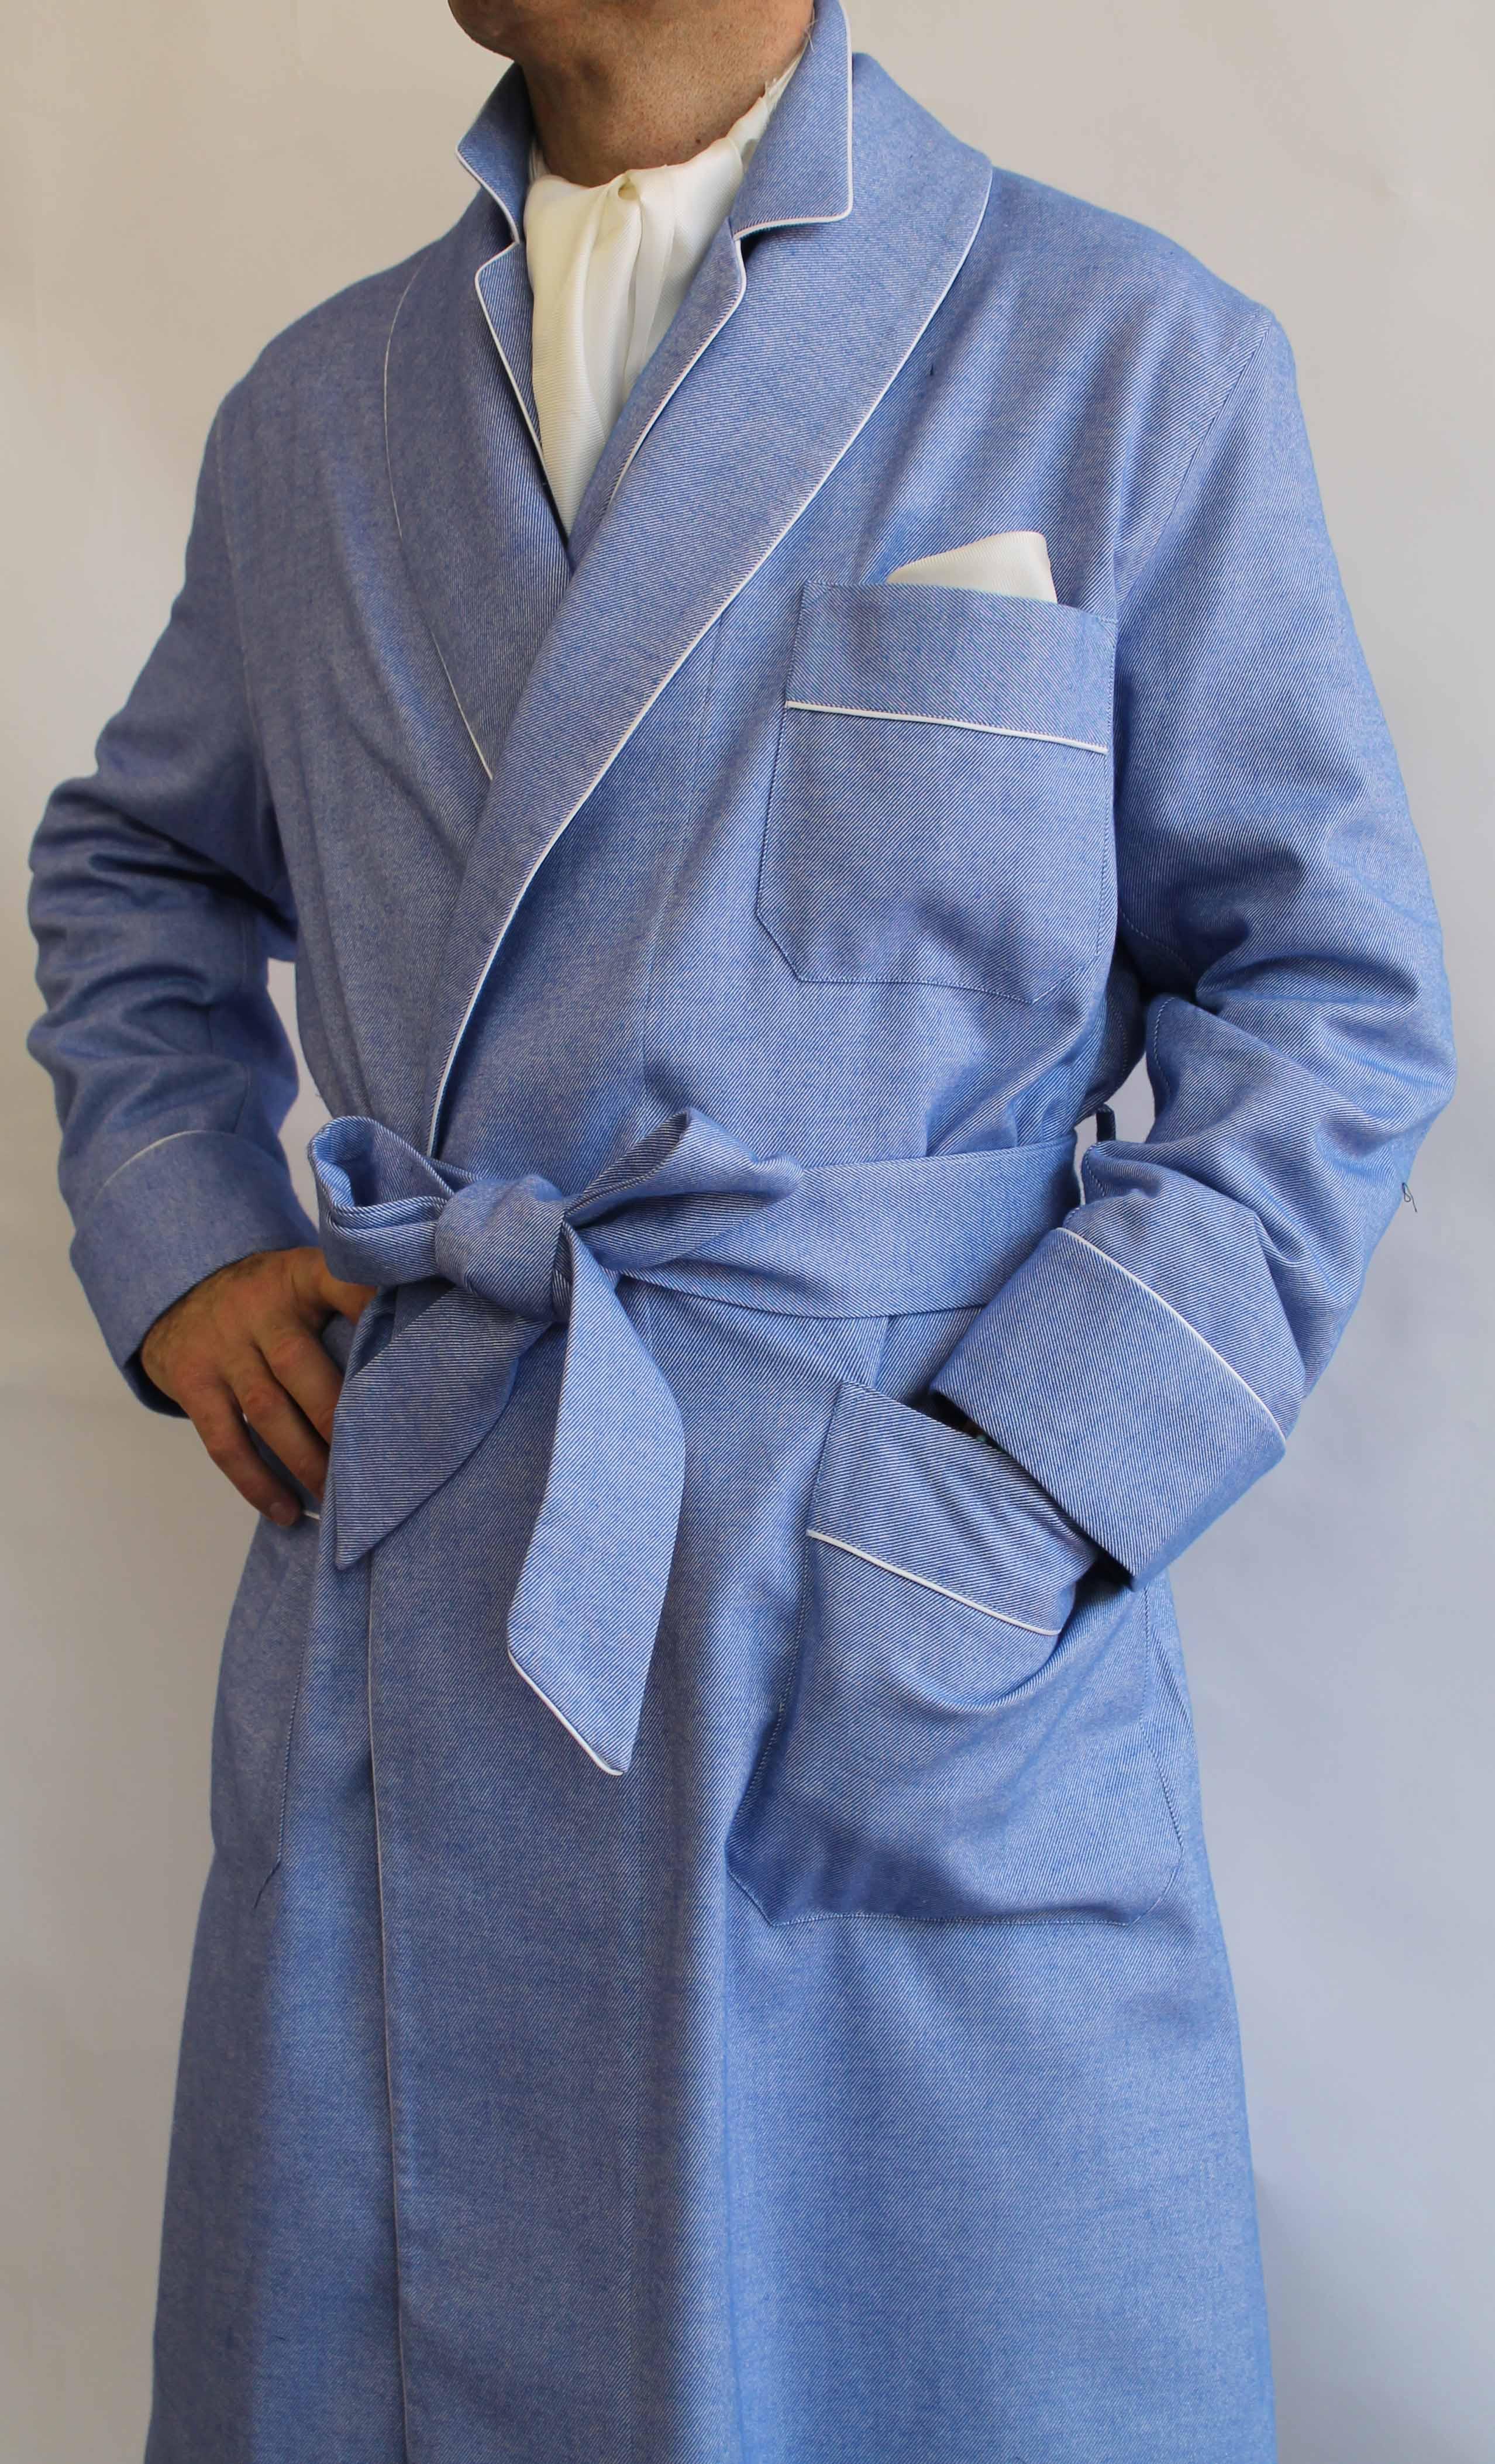 robe de chambre classique pour homme en coton gratte 39 avec passepoil. Black Bedroom Furniture Sets. Home Design Ideas